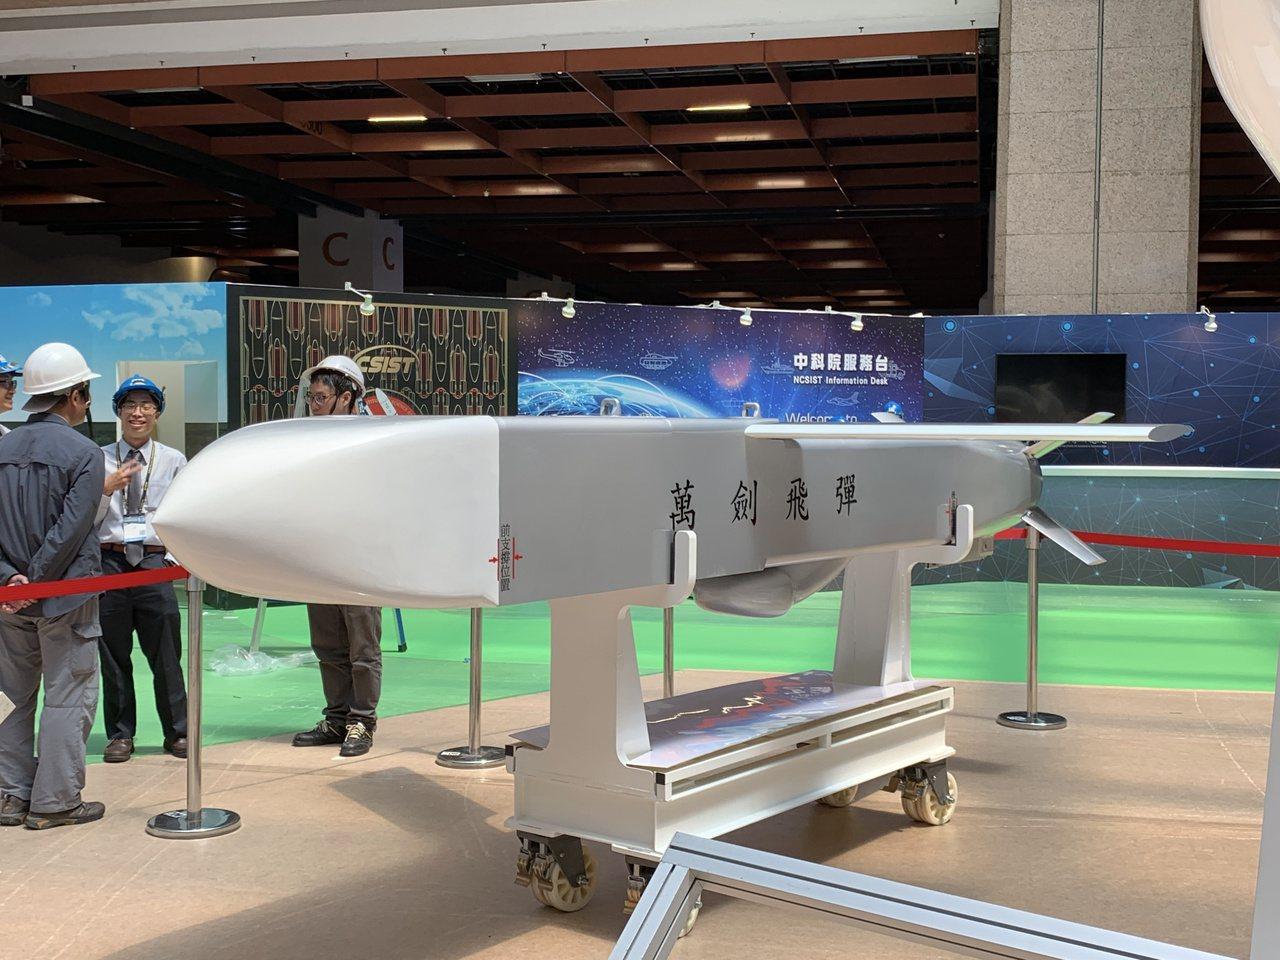 「國防館」中科院展區展出「萬劍飛彈」模型。記者洪哲政/攝影